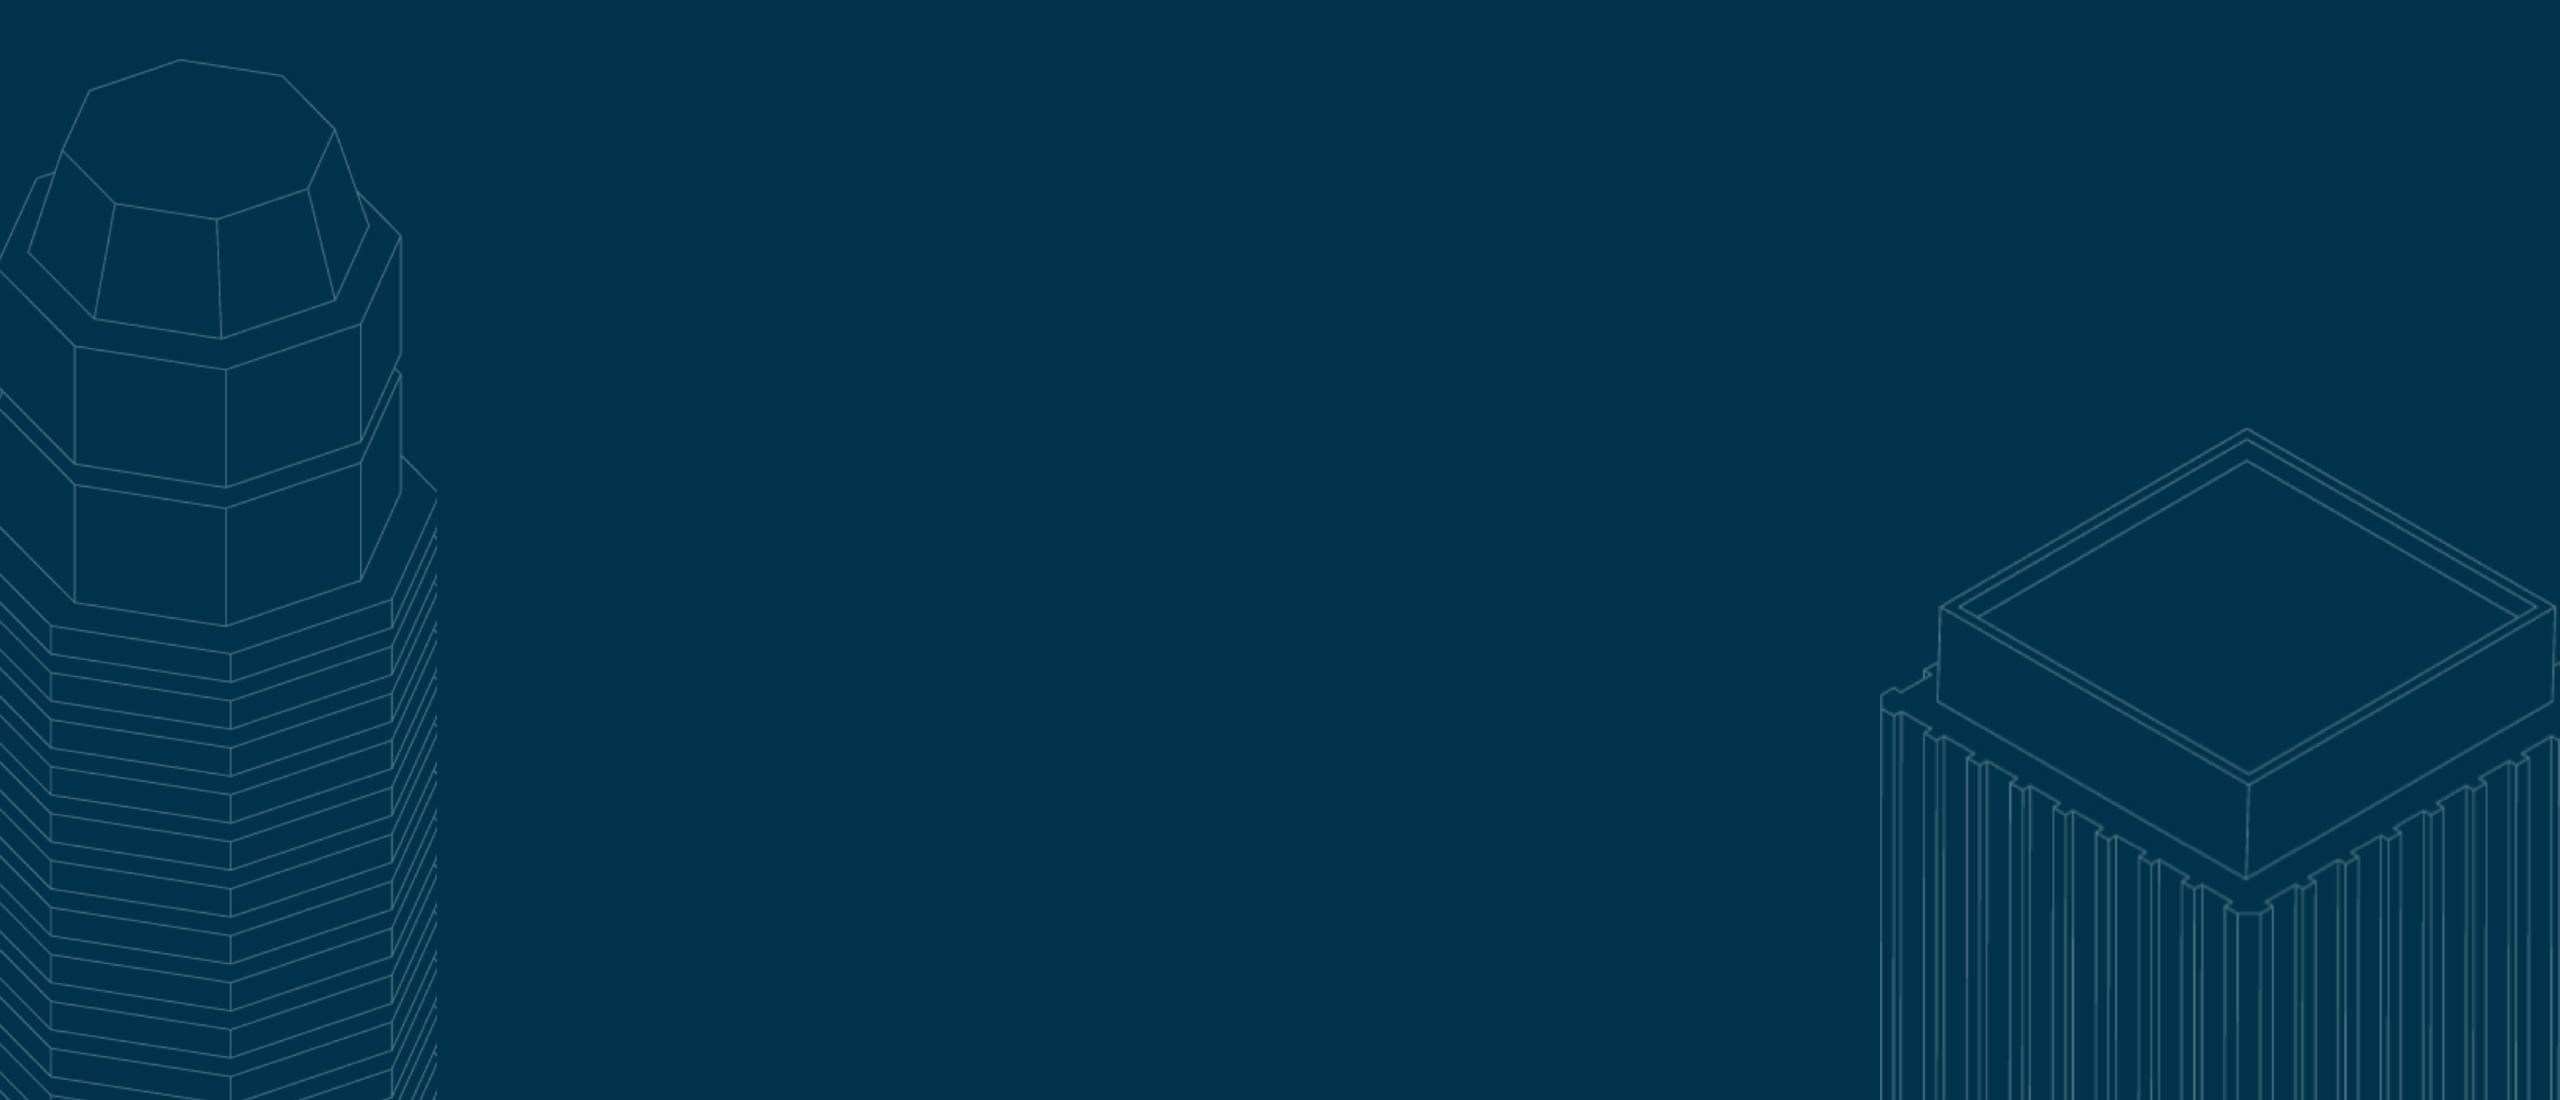 Fehler! Um die Anmeldung korrekt durchführen zu können, muss Javascript aktiviert sein!